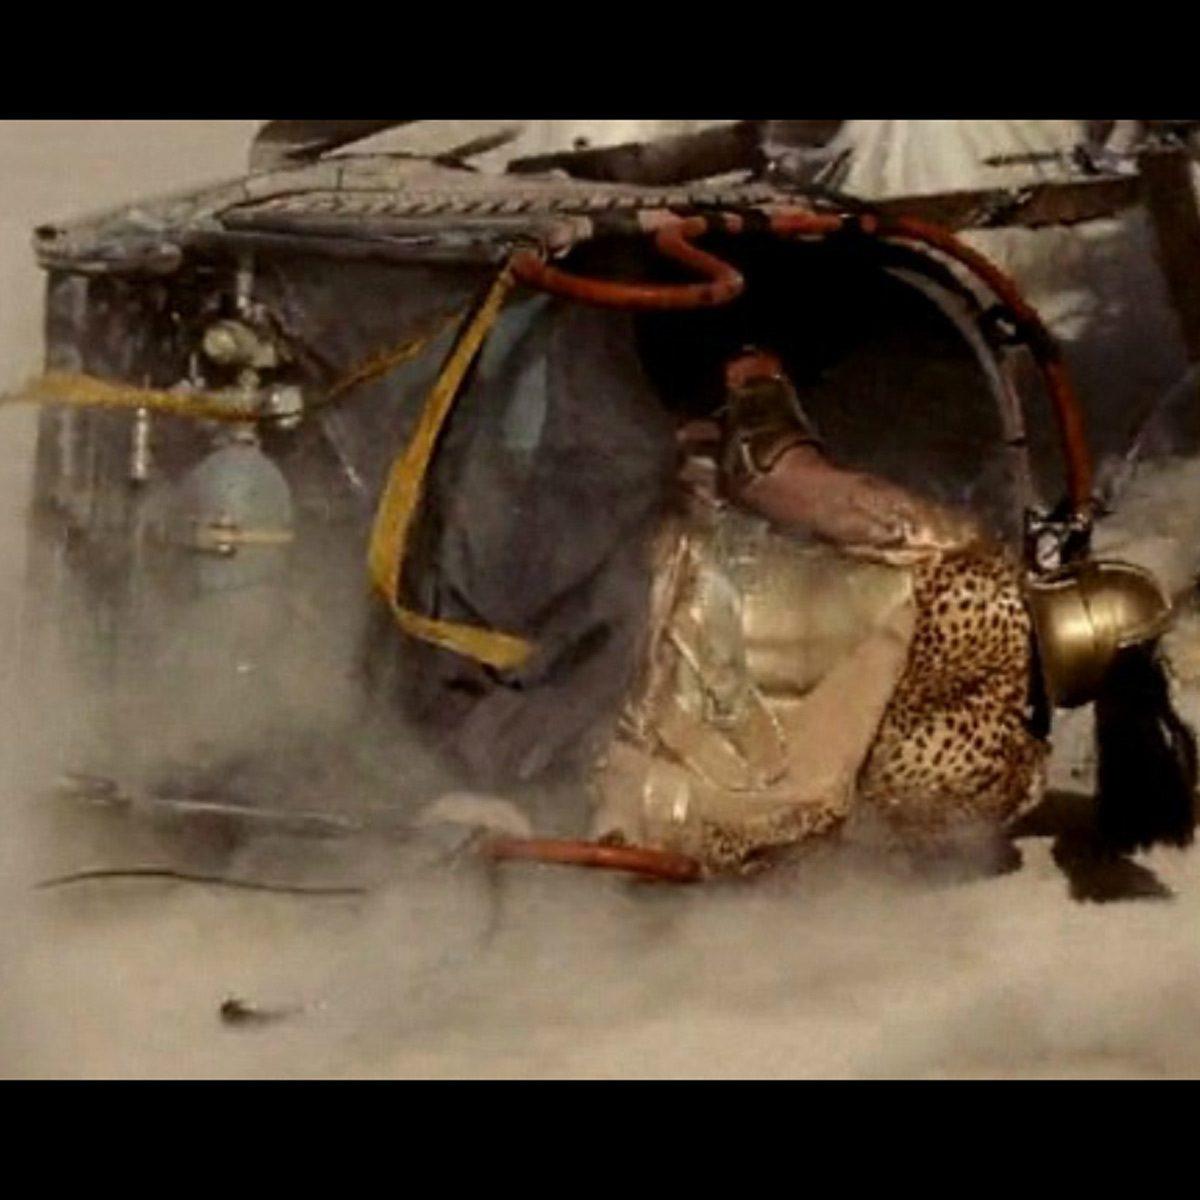 movie-mistake-gladiator-chariot-gas-tank